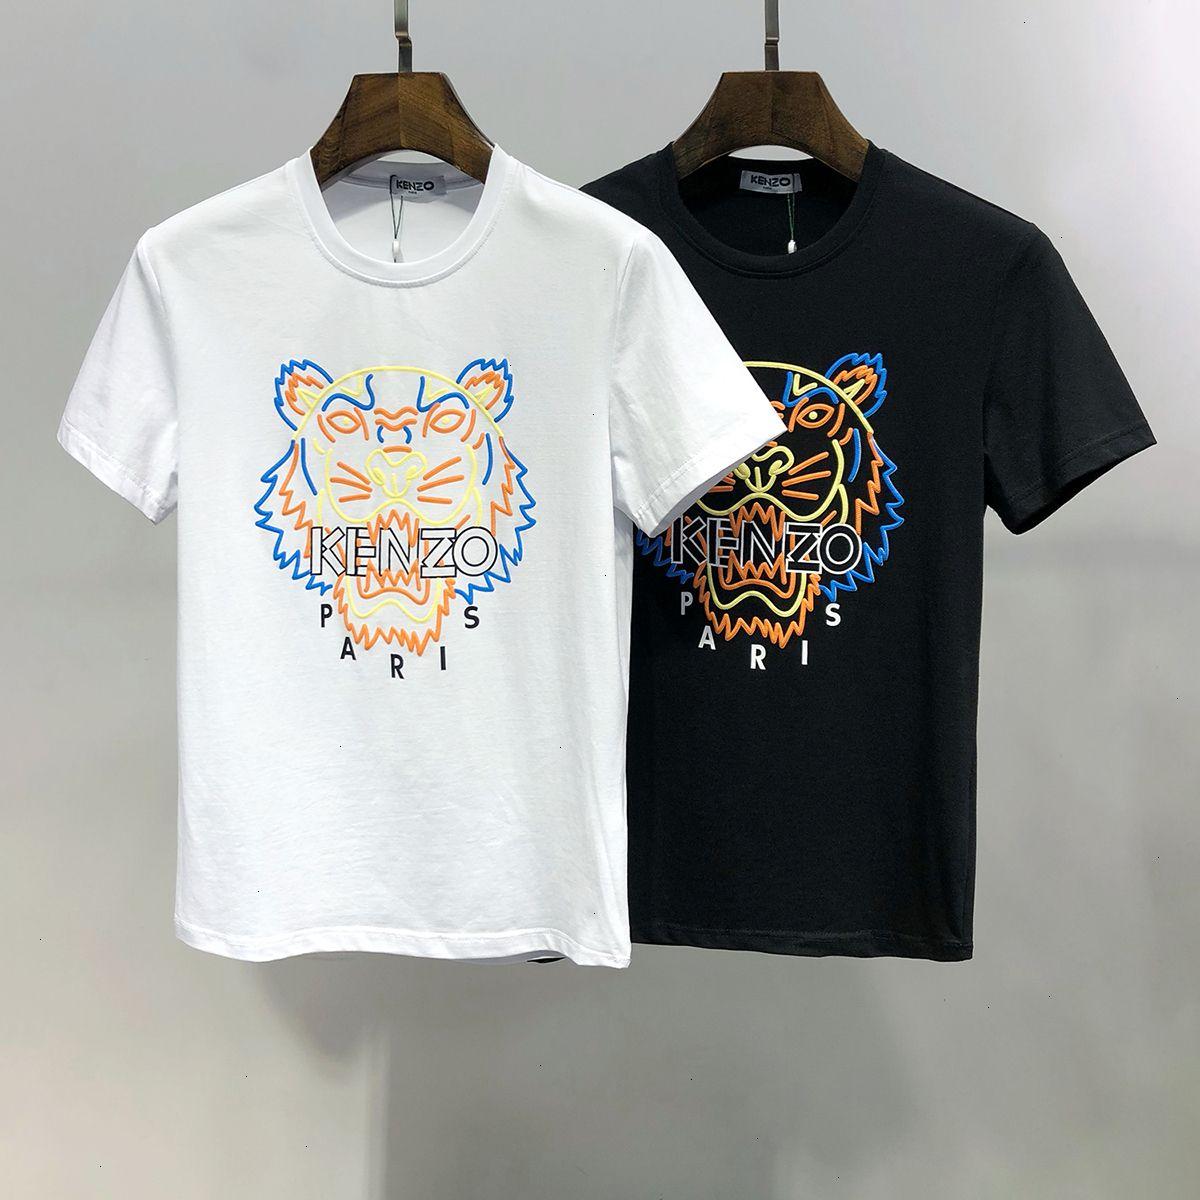 Camiseta para hombre de la moda tendencia del tamaño M-3XL cómodo WSJ042 respirable ocasional # 111548lucky04